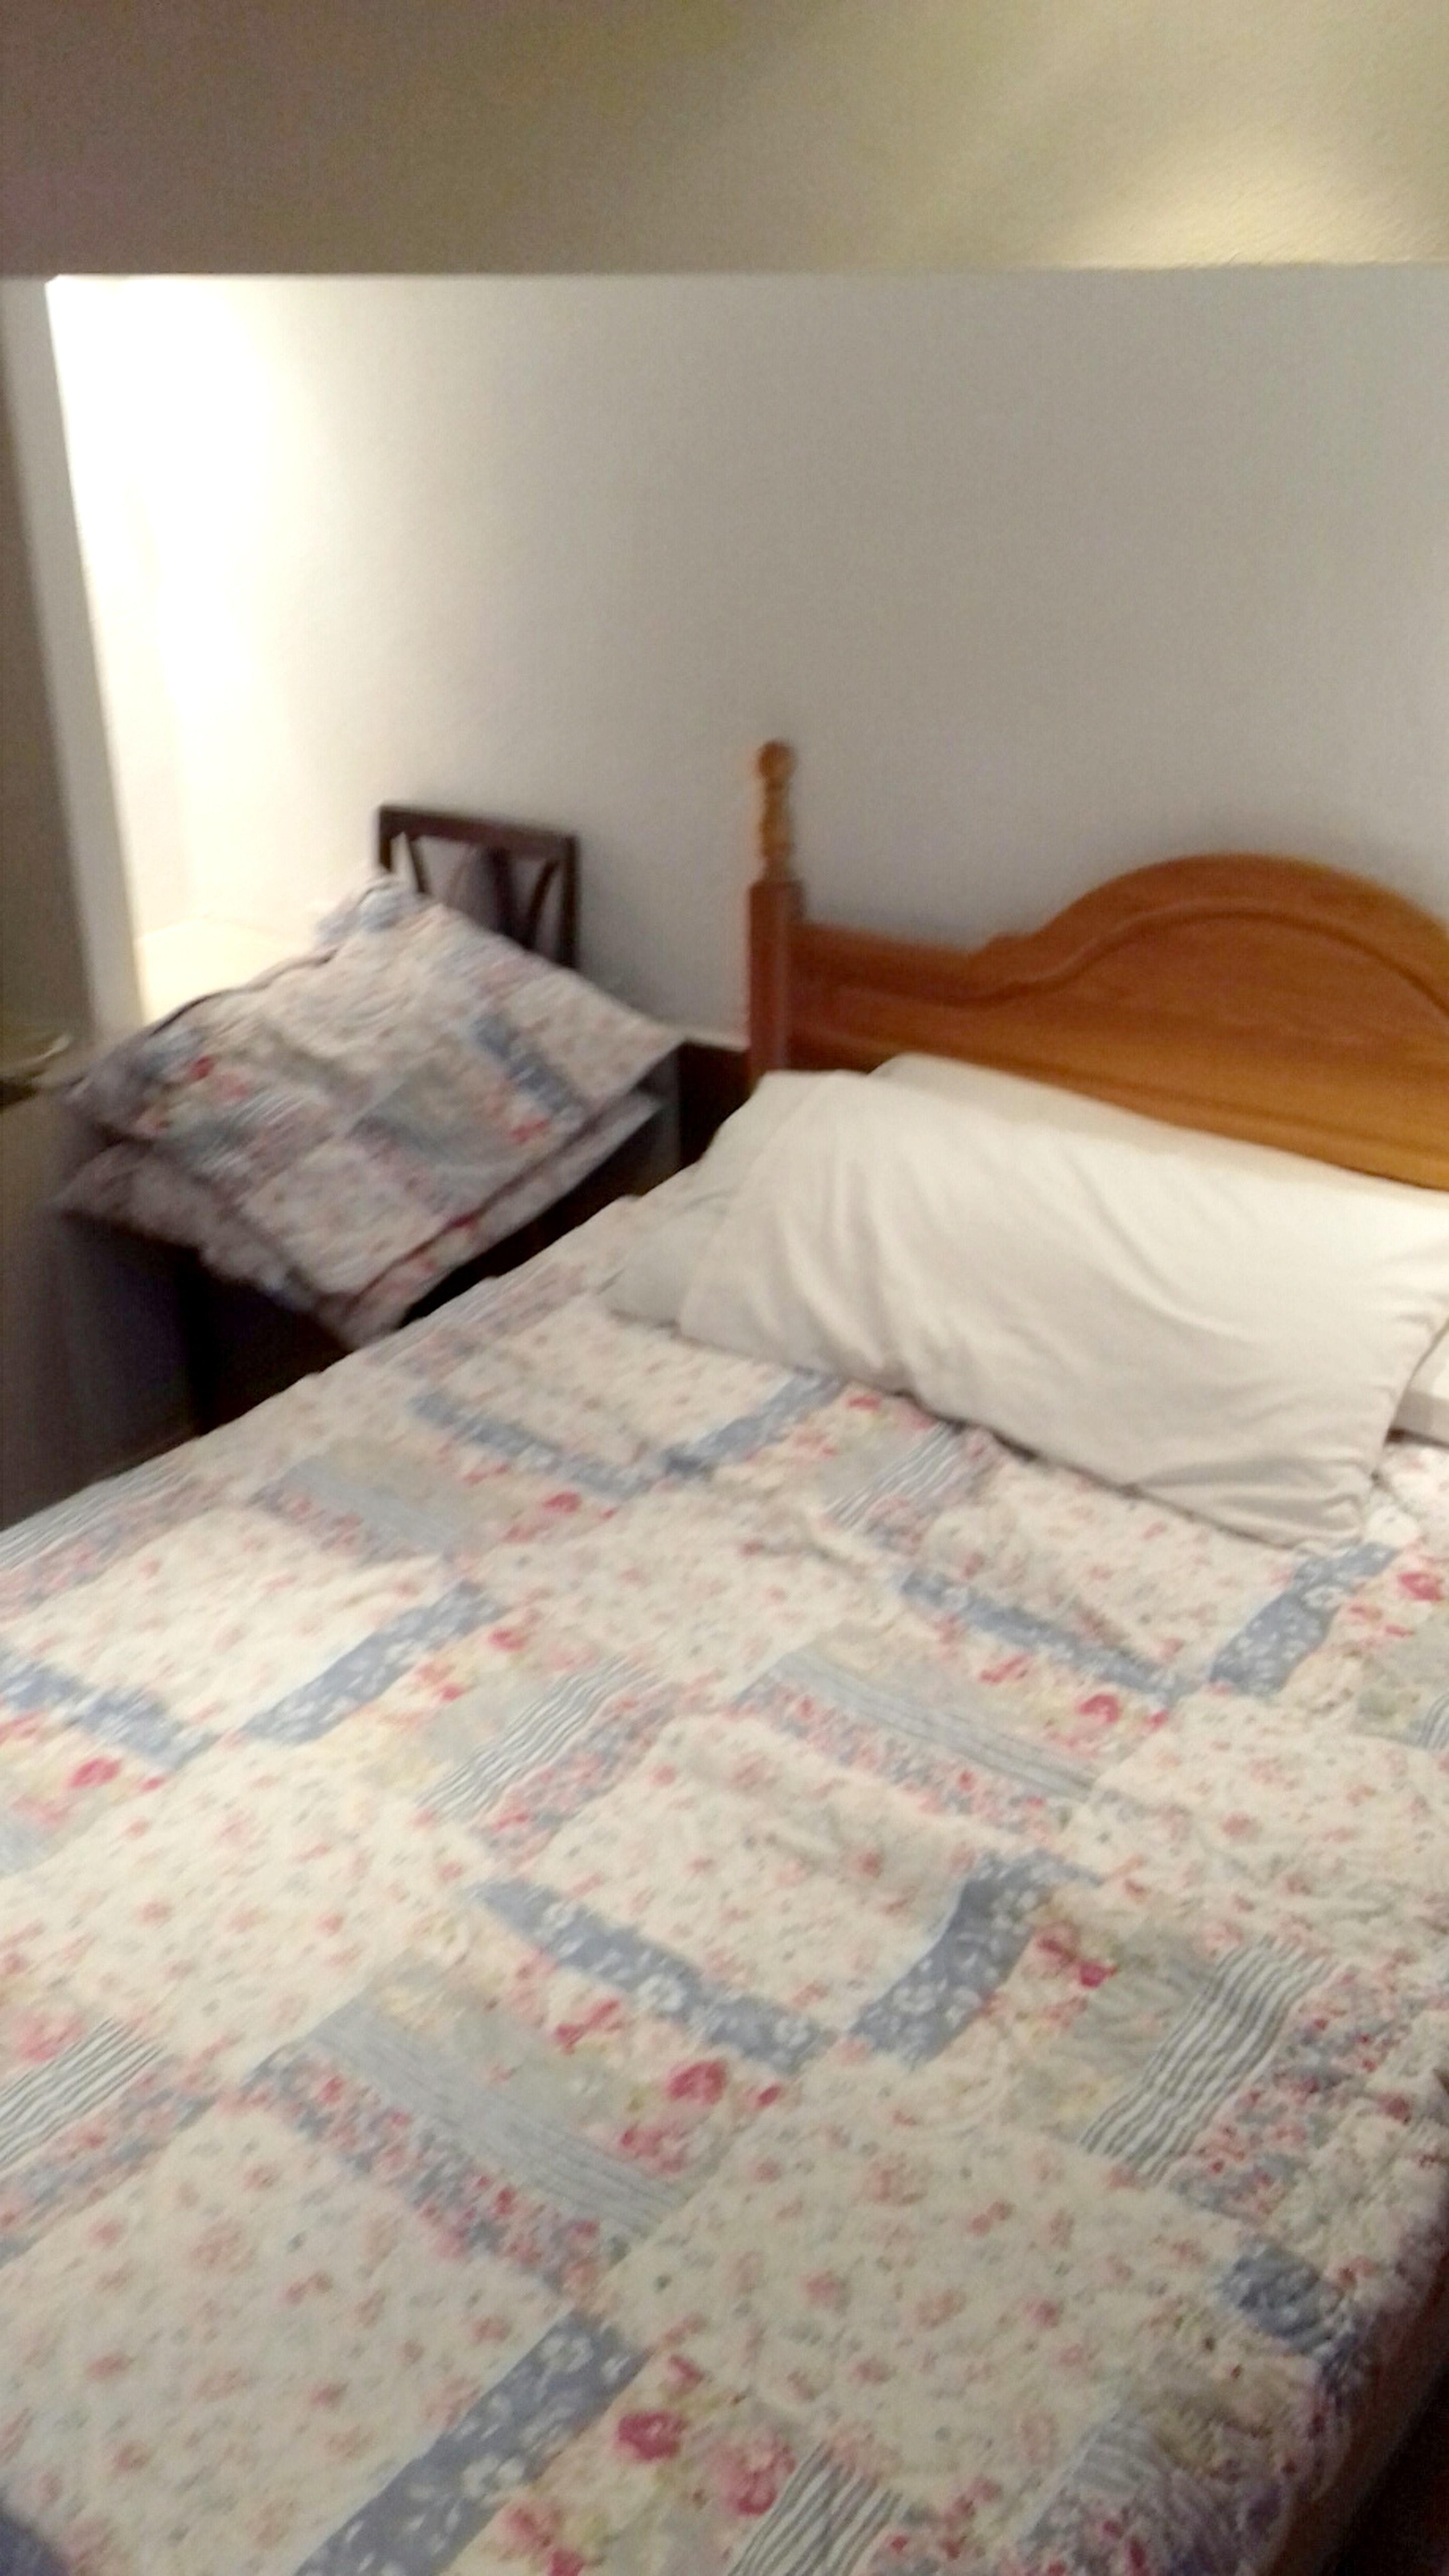 Appartement de vacances Wohnung mit 2 Schlafzimmern in Mazarrón mit toller Aussicht auf die Berge, privatem Pool,  (2632538), Mazarron, Costa Calida, Murcie, Espagne, image 14